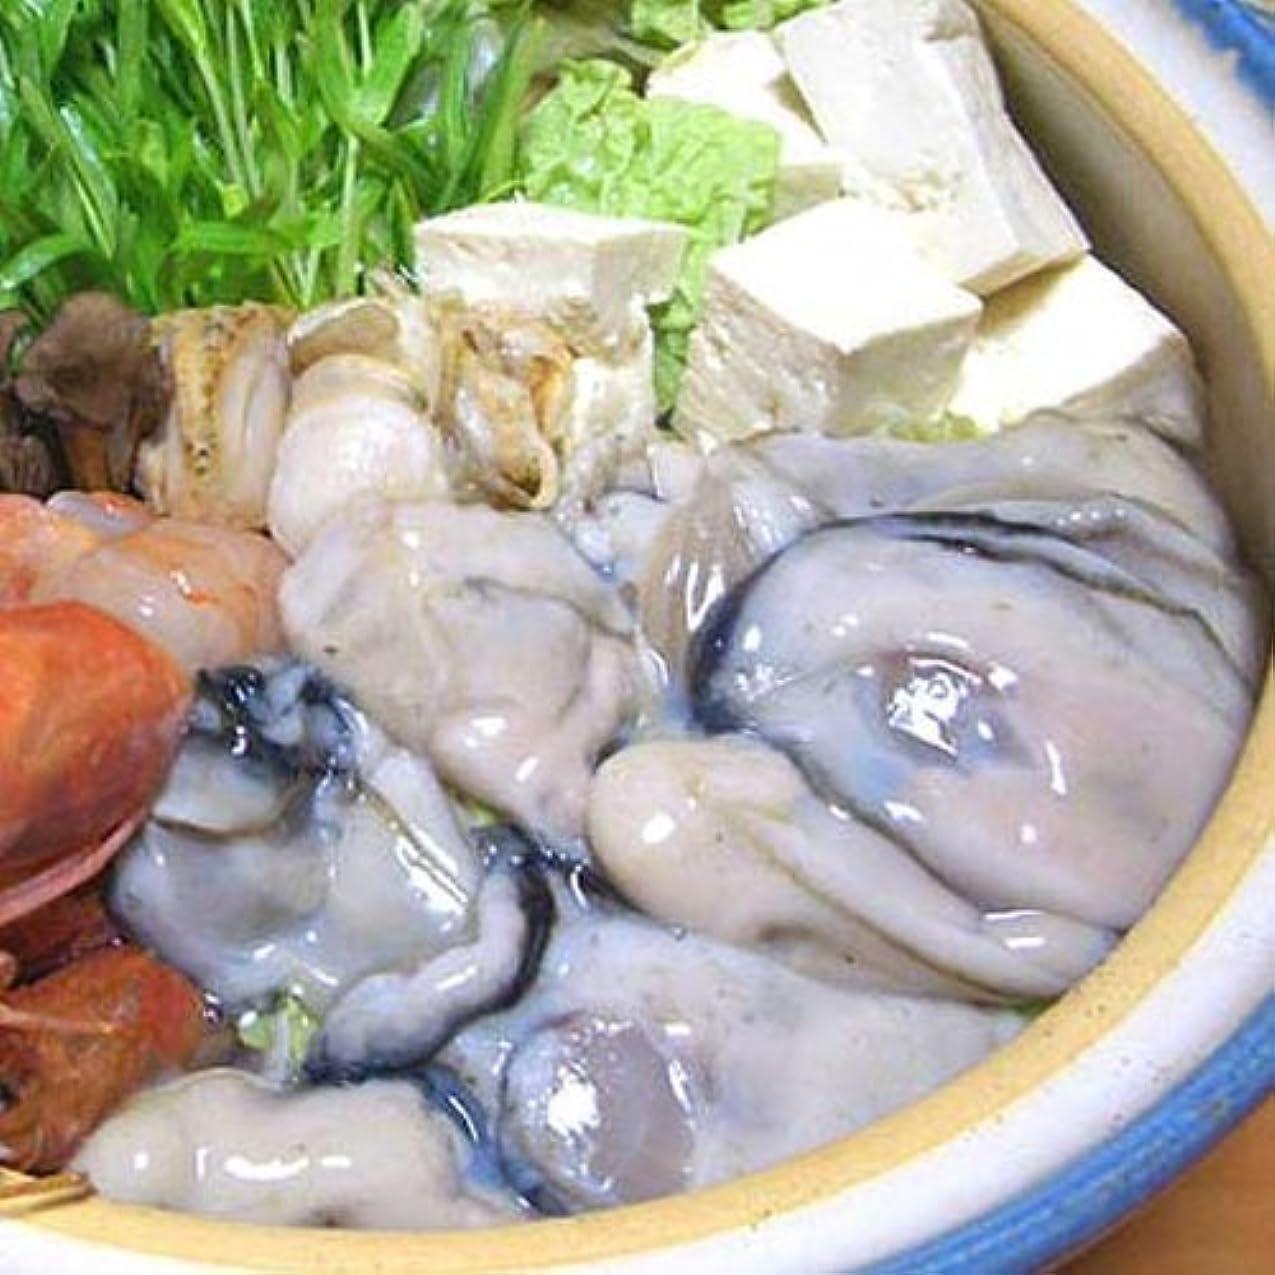 トレーニングもメイト牡蠣 牡蛎 内容量20%アップ1袋1.2kg何所と比べてもお買い得。広島県産特大牡蠣2L3Lミックス